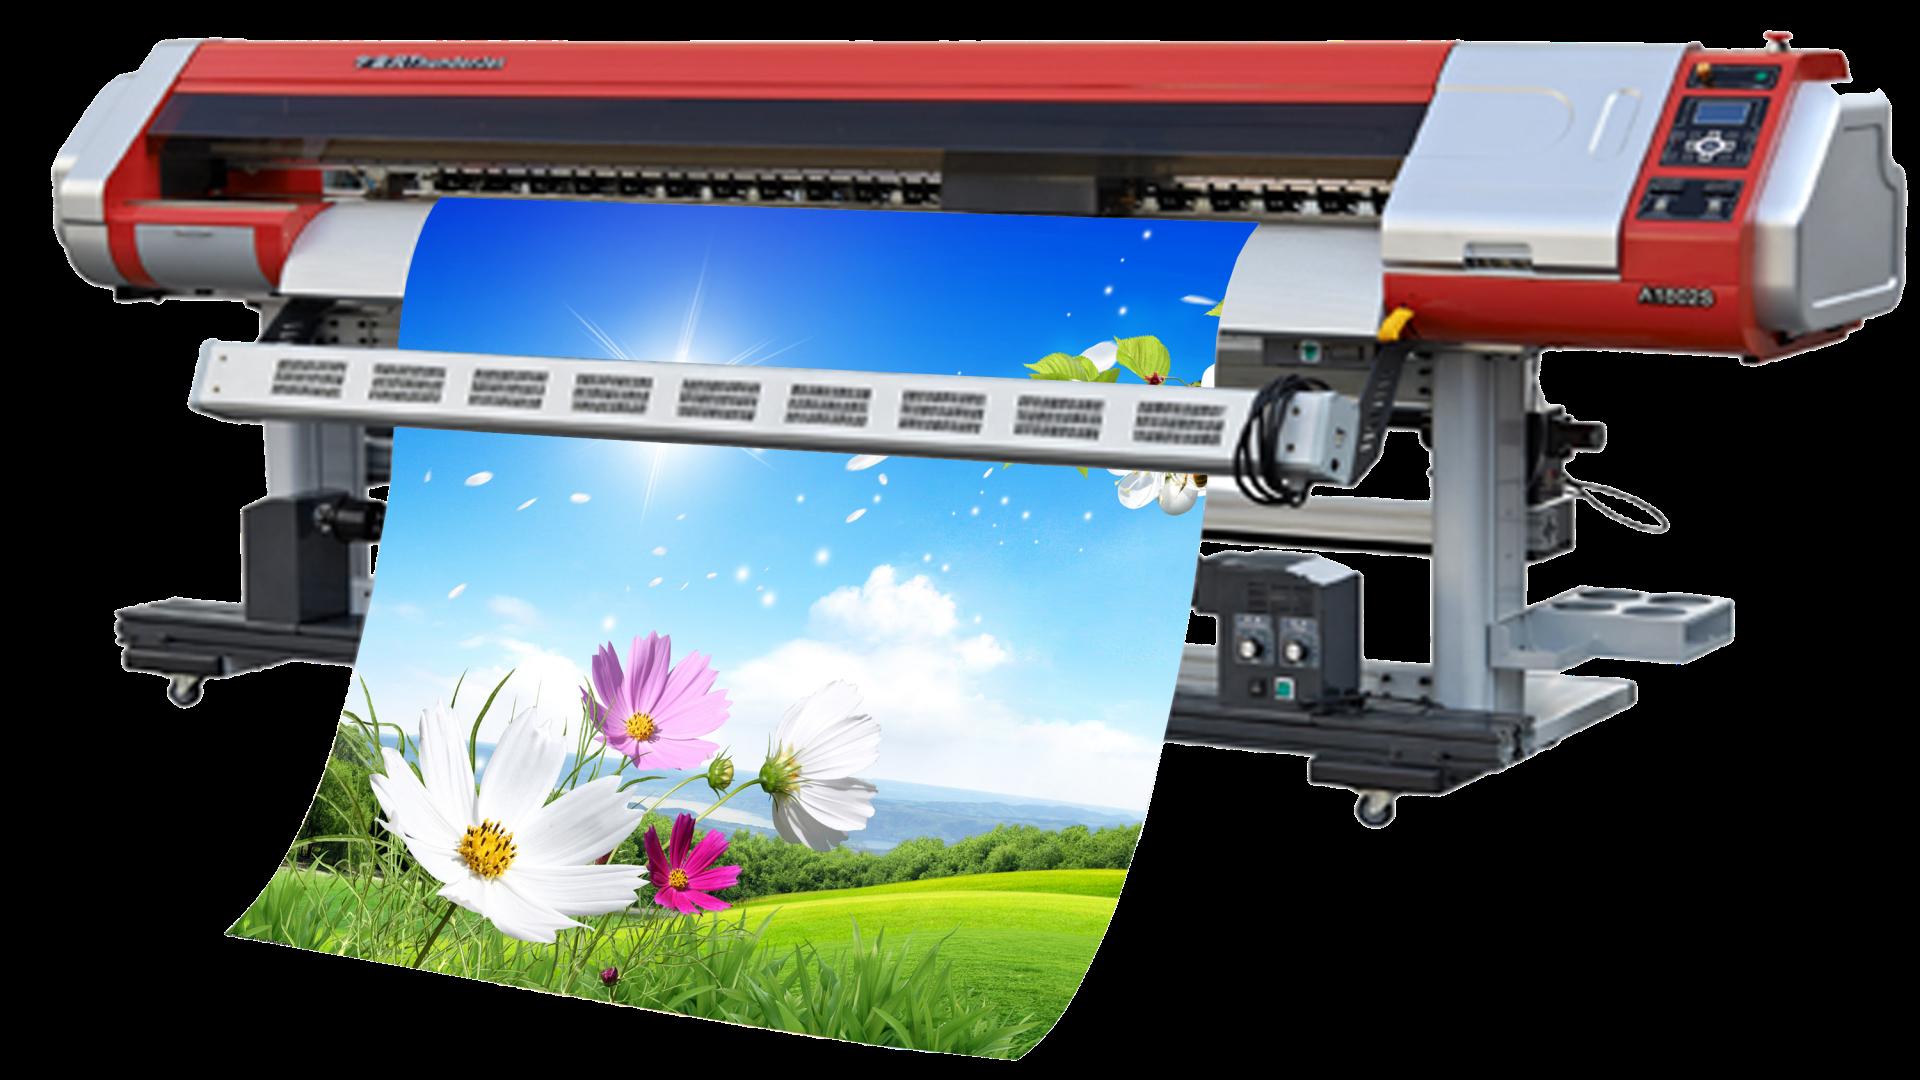 широкоформатный принтер для фотообоев пломбу или достать